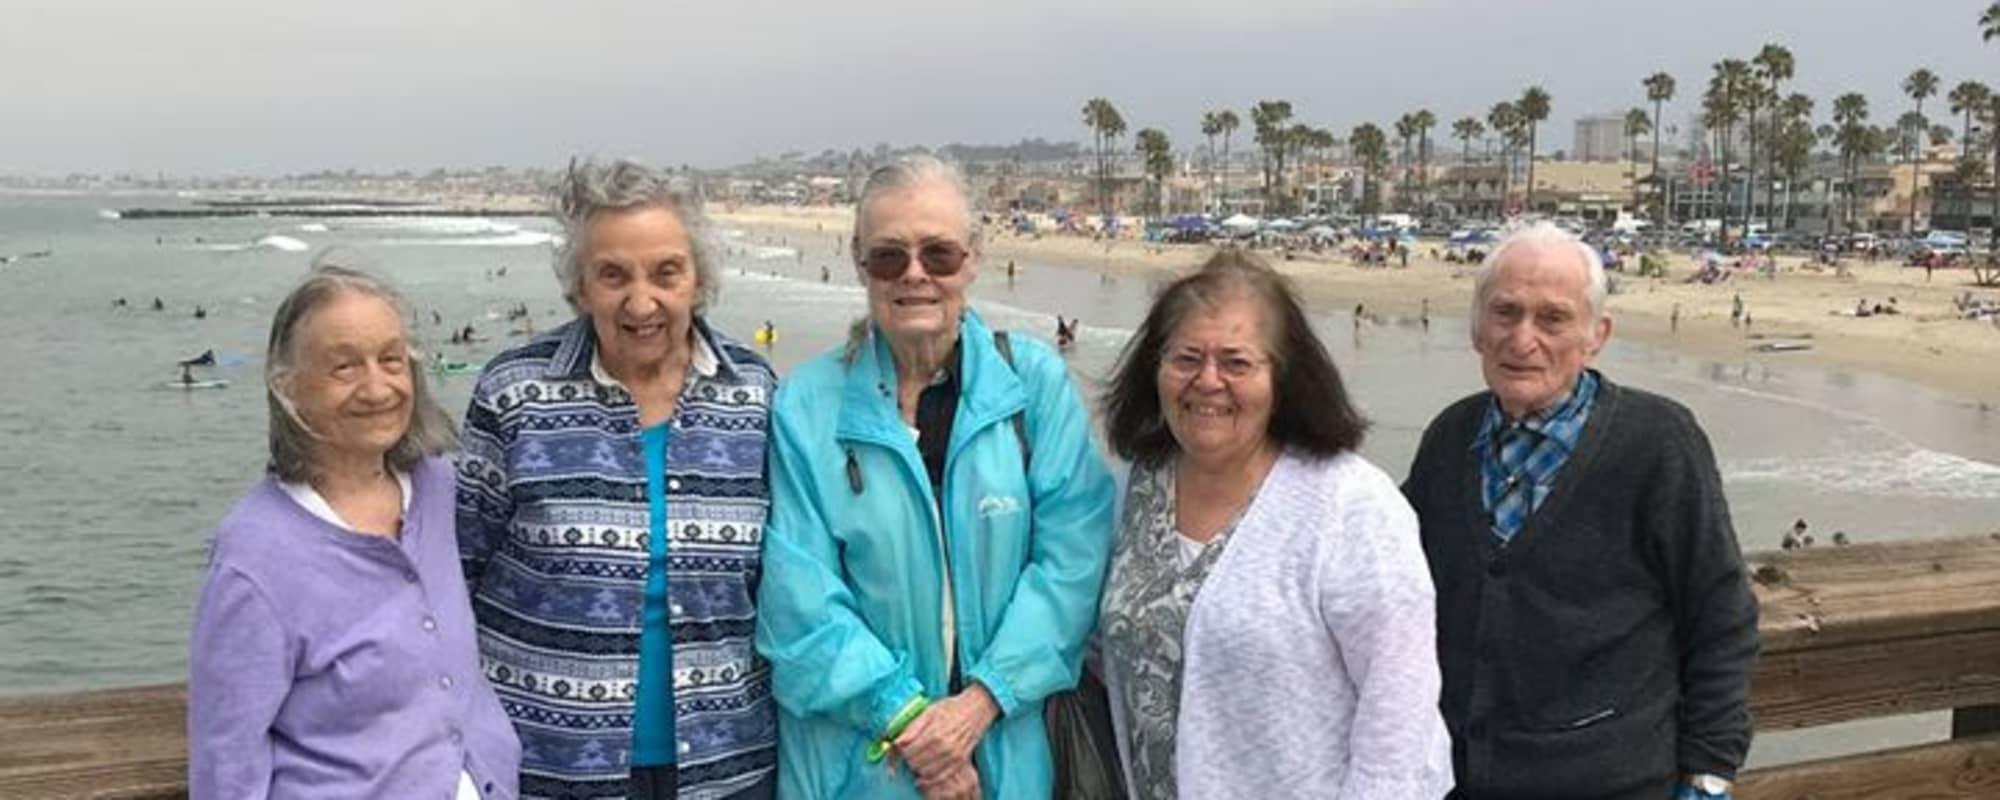 Beach trip with Huntington Terrace in Huntington Beach, California